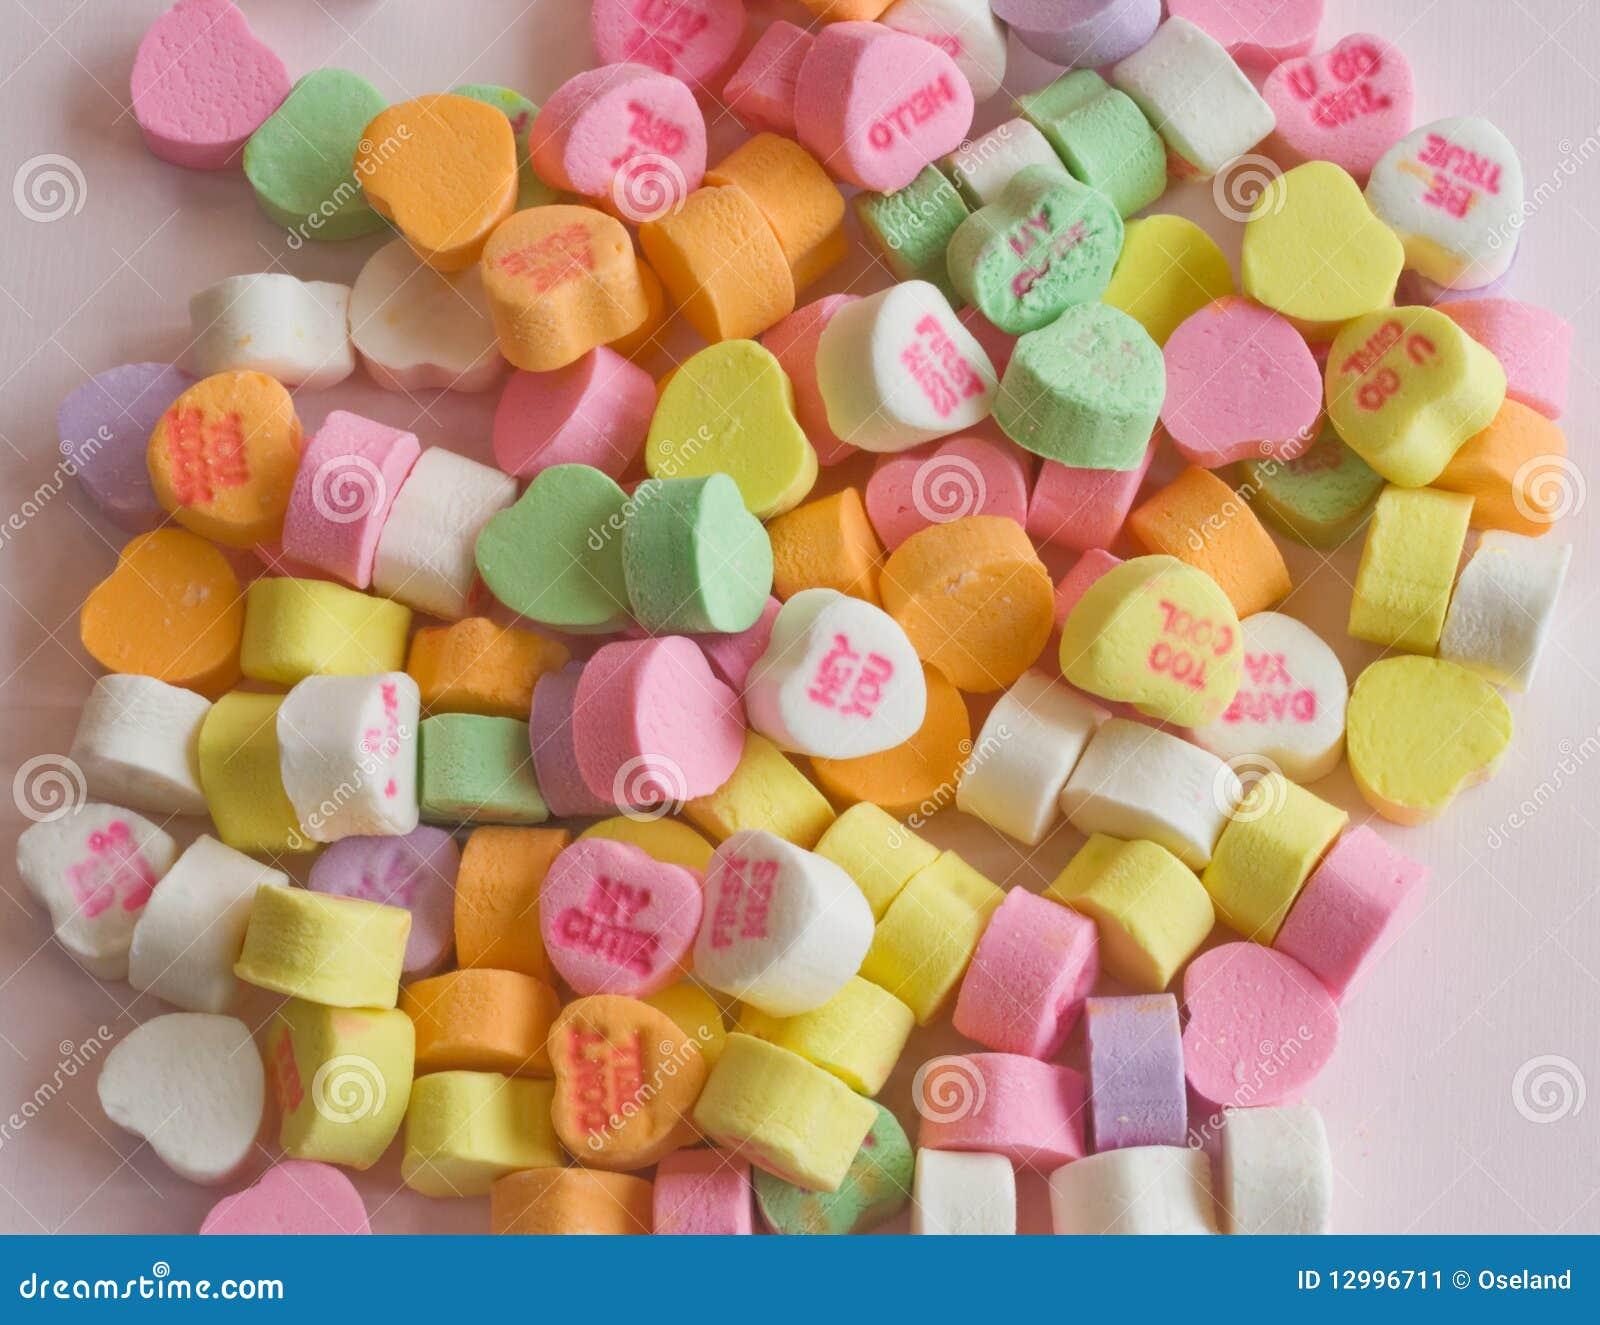 Caramelos Del Corazón De La Tarjeta Del Día De San Valentín Imagen ...